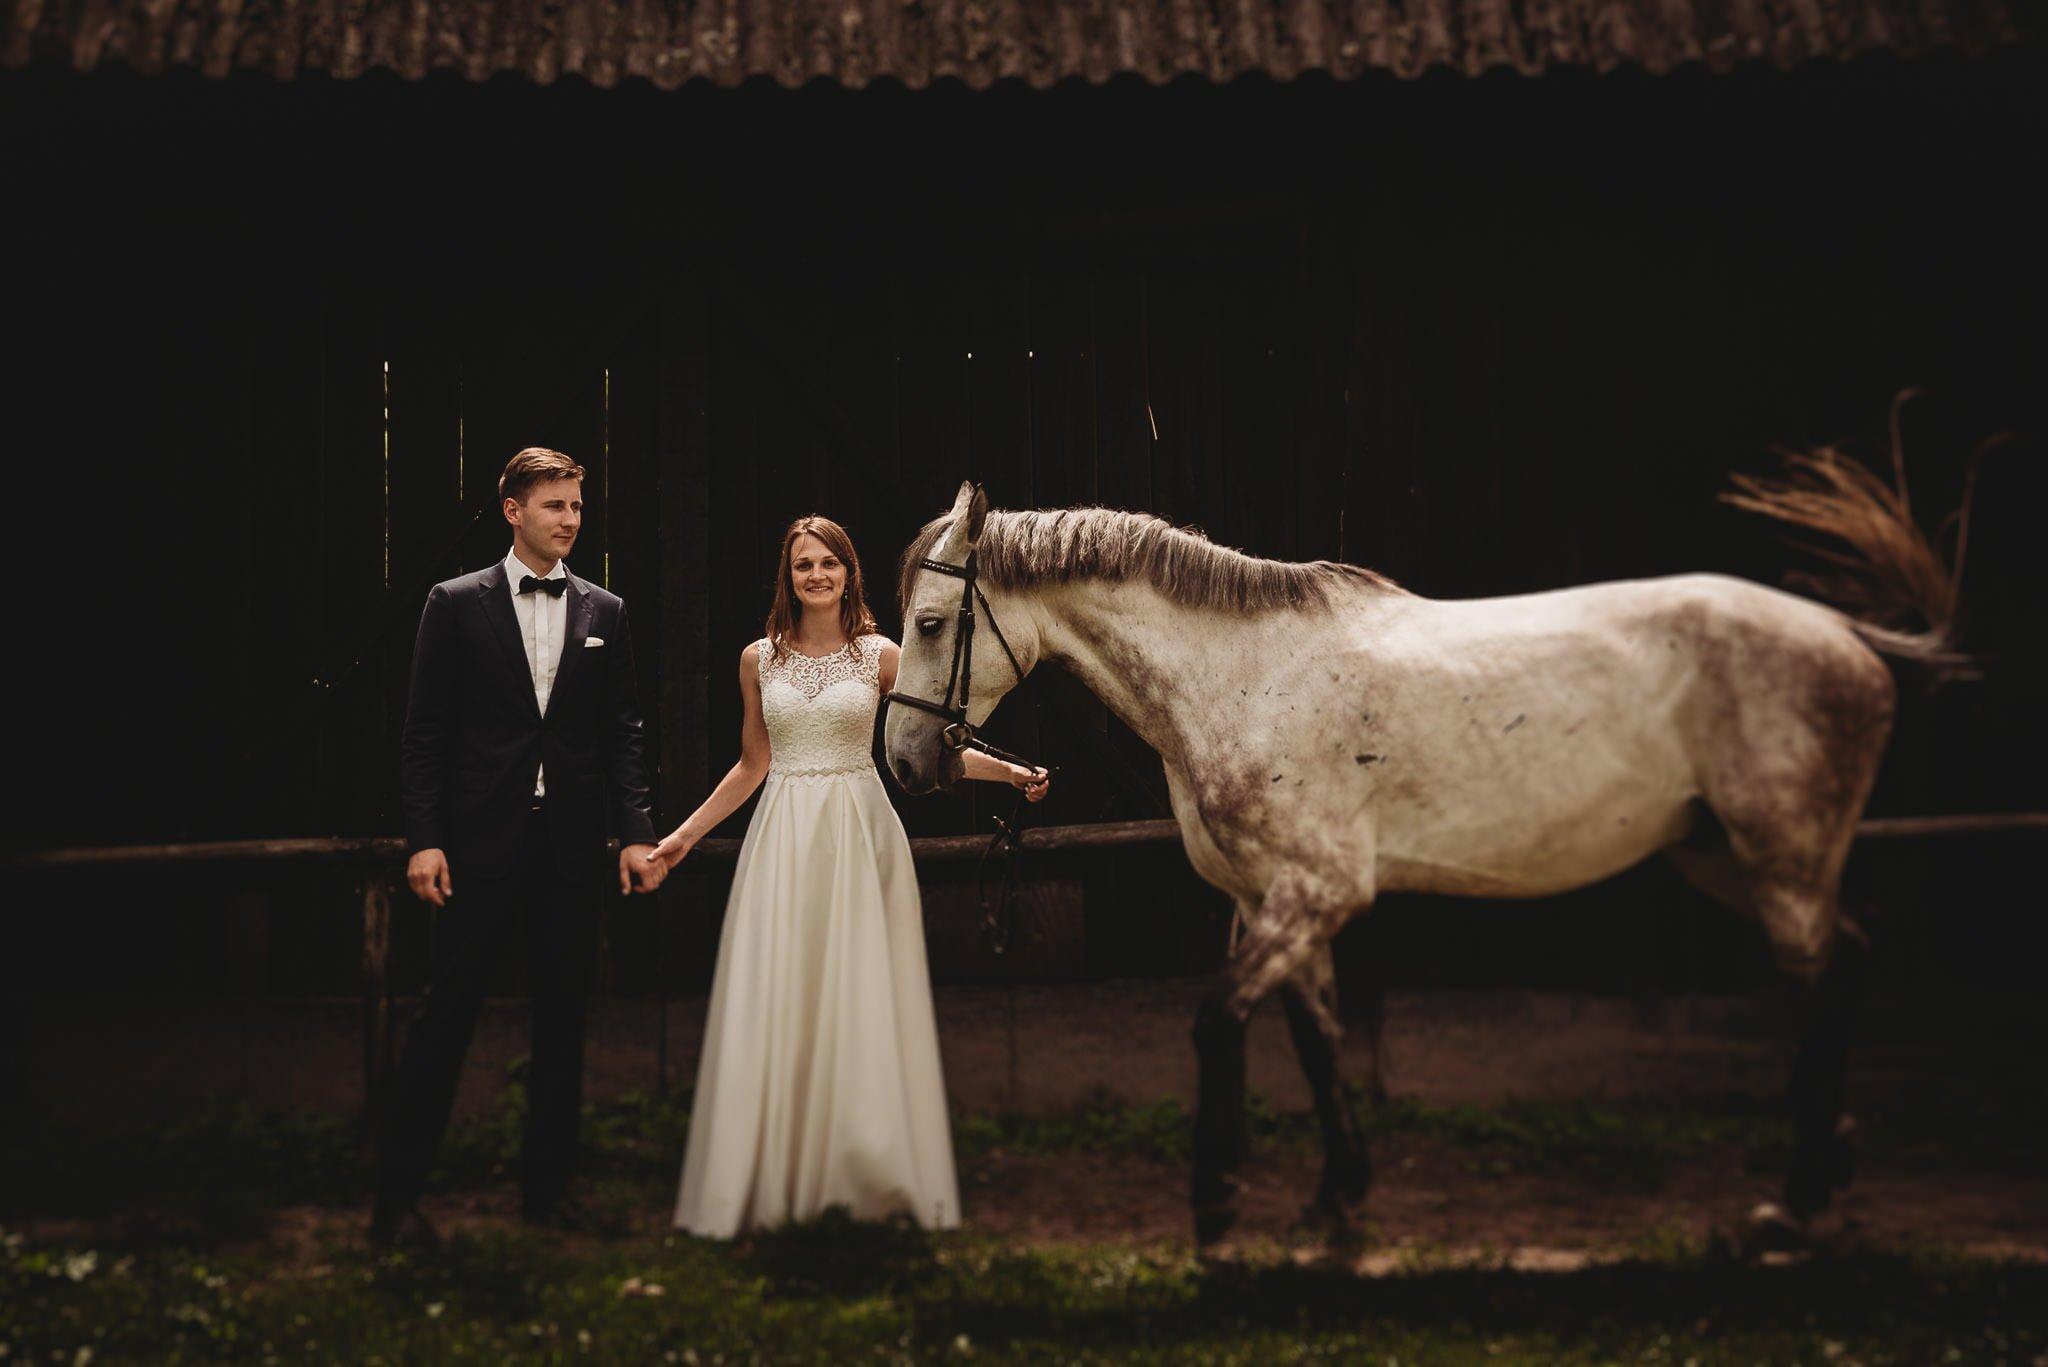 Monika i Michał, wesele w Paryżu i sesja plenerowa w stadninie koni w Czołowie 372